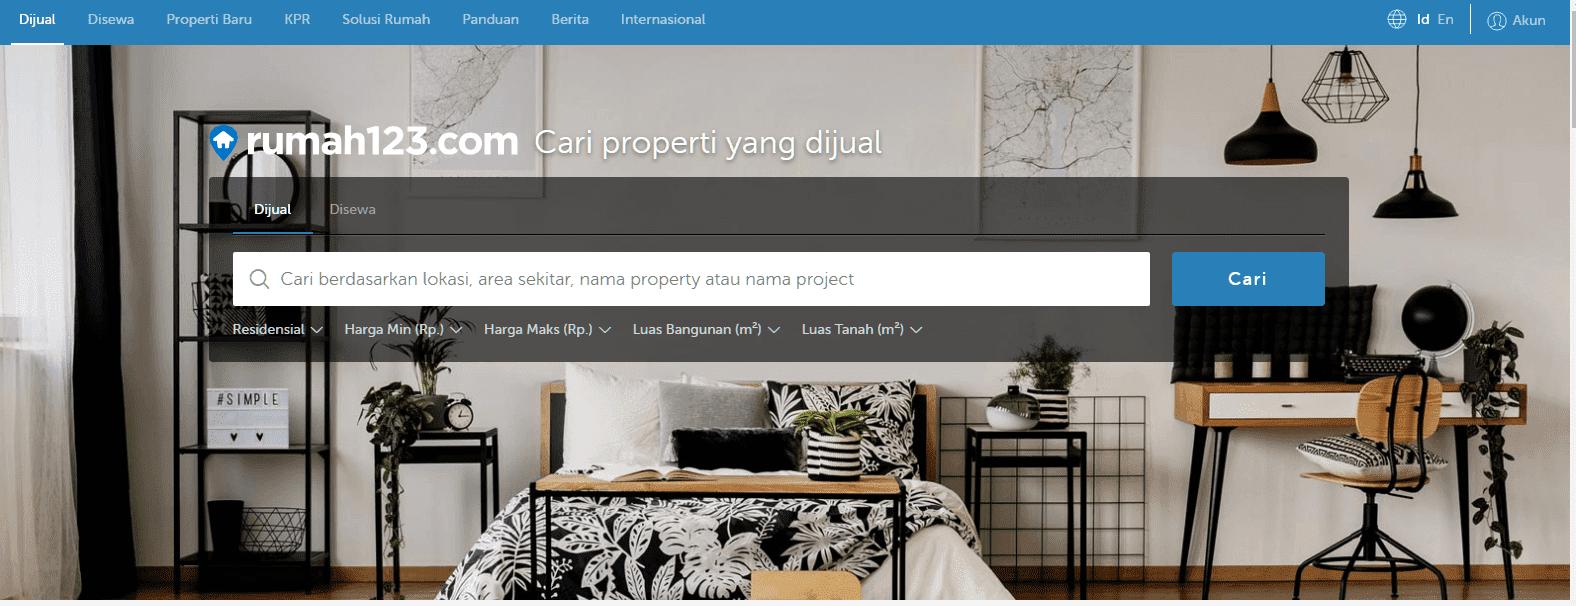 Situs Jual Beli Rumah 2019